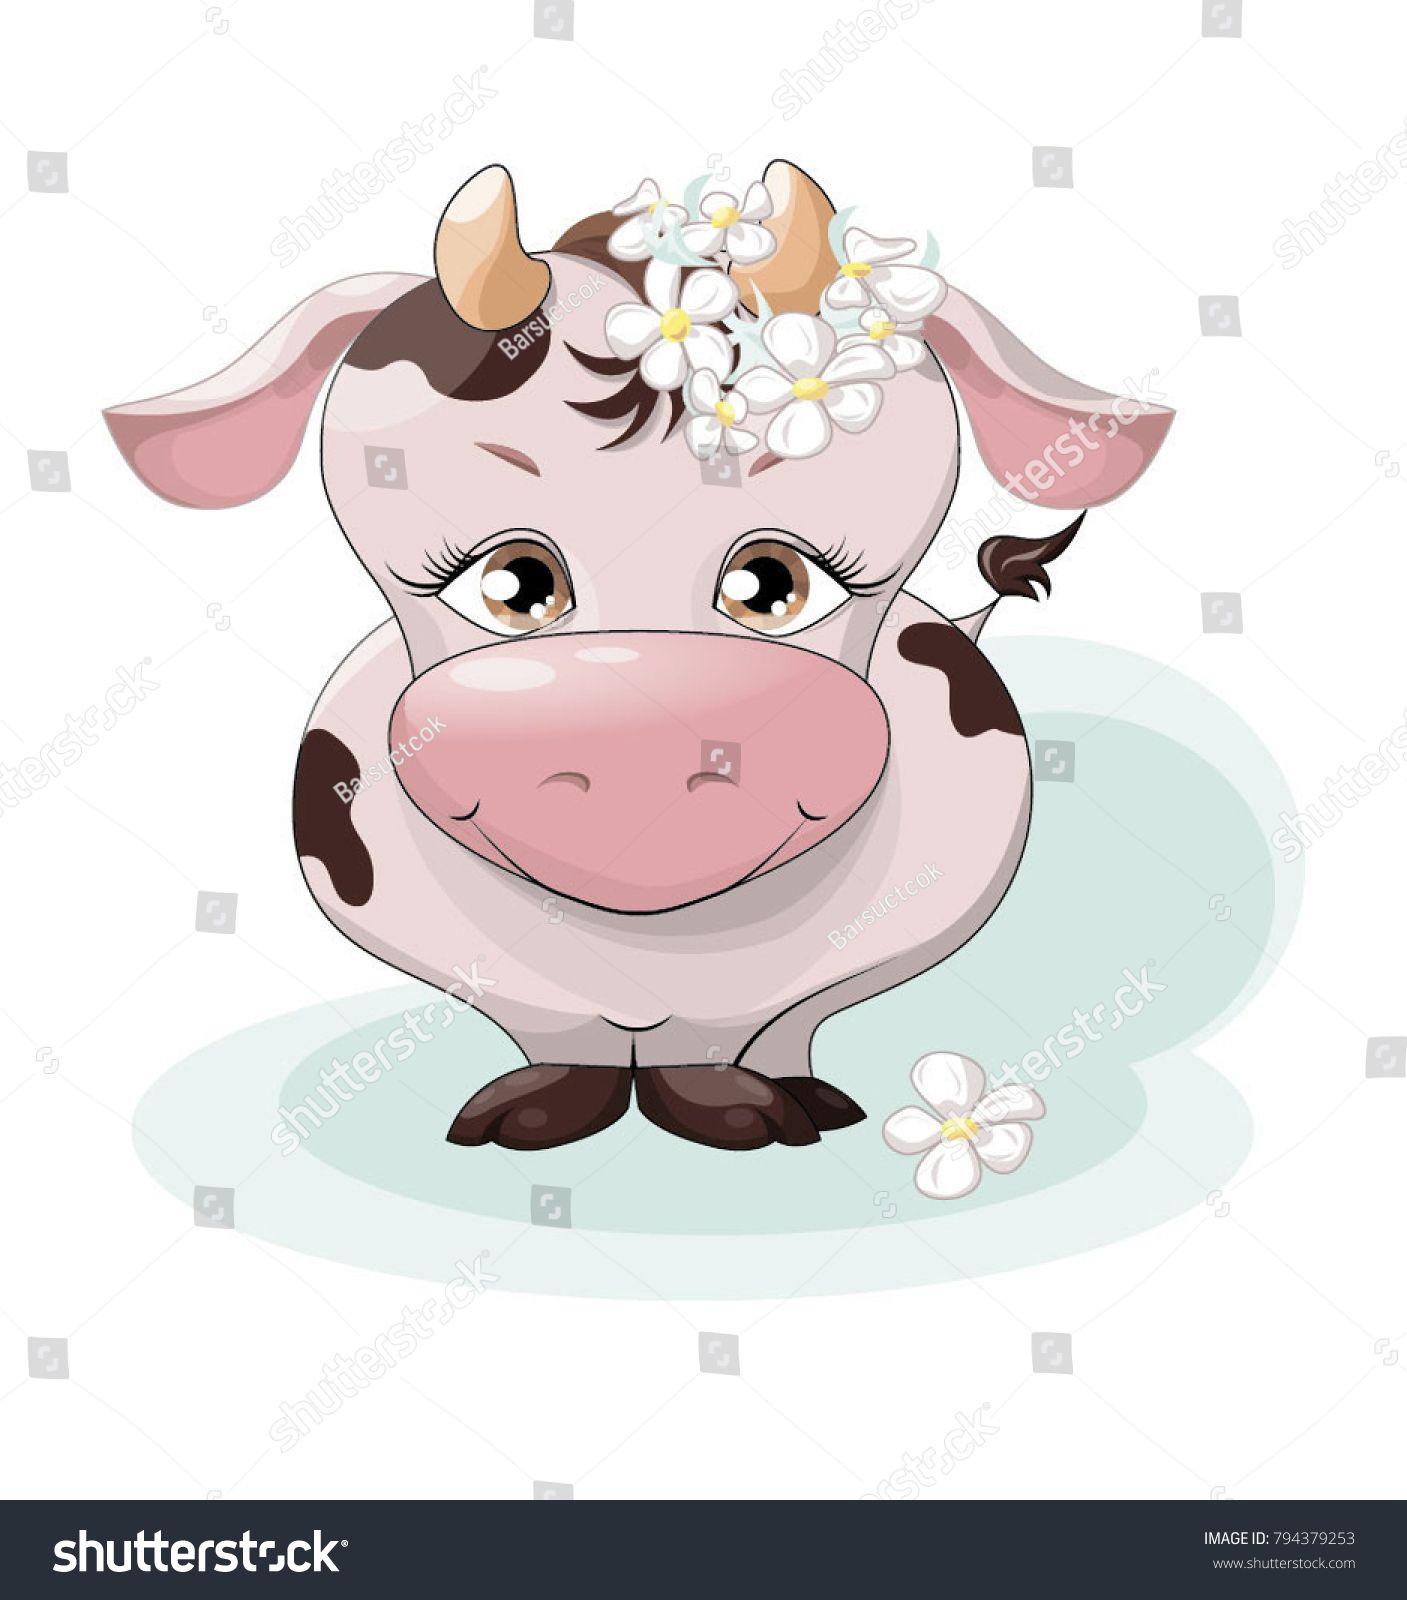 корова, теленок, животное, персонаж, иллюстрация, картинка ...